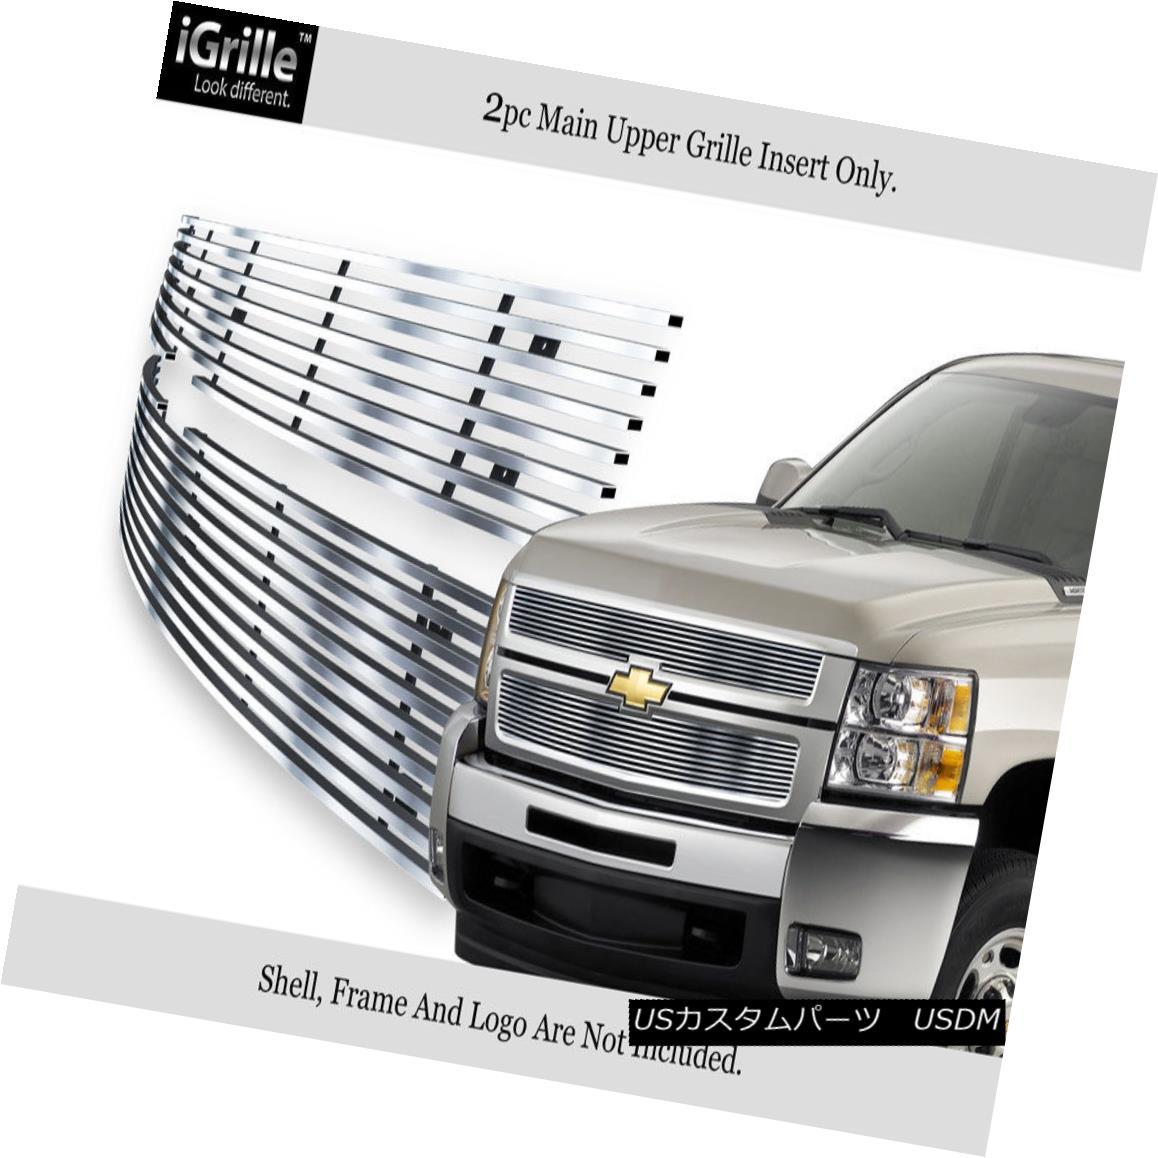 グリル Fits 07-10 Chevy Silverado 2500/3500 Stainless Steel Billet Grille Insert フィット07-10 Chevy Silverado 2500/3500ステンレス鋼ビレットグリルインサート